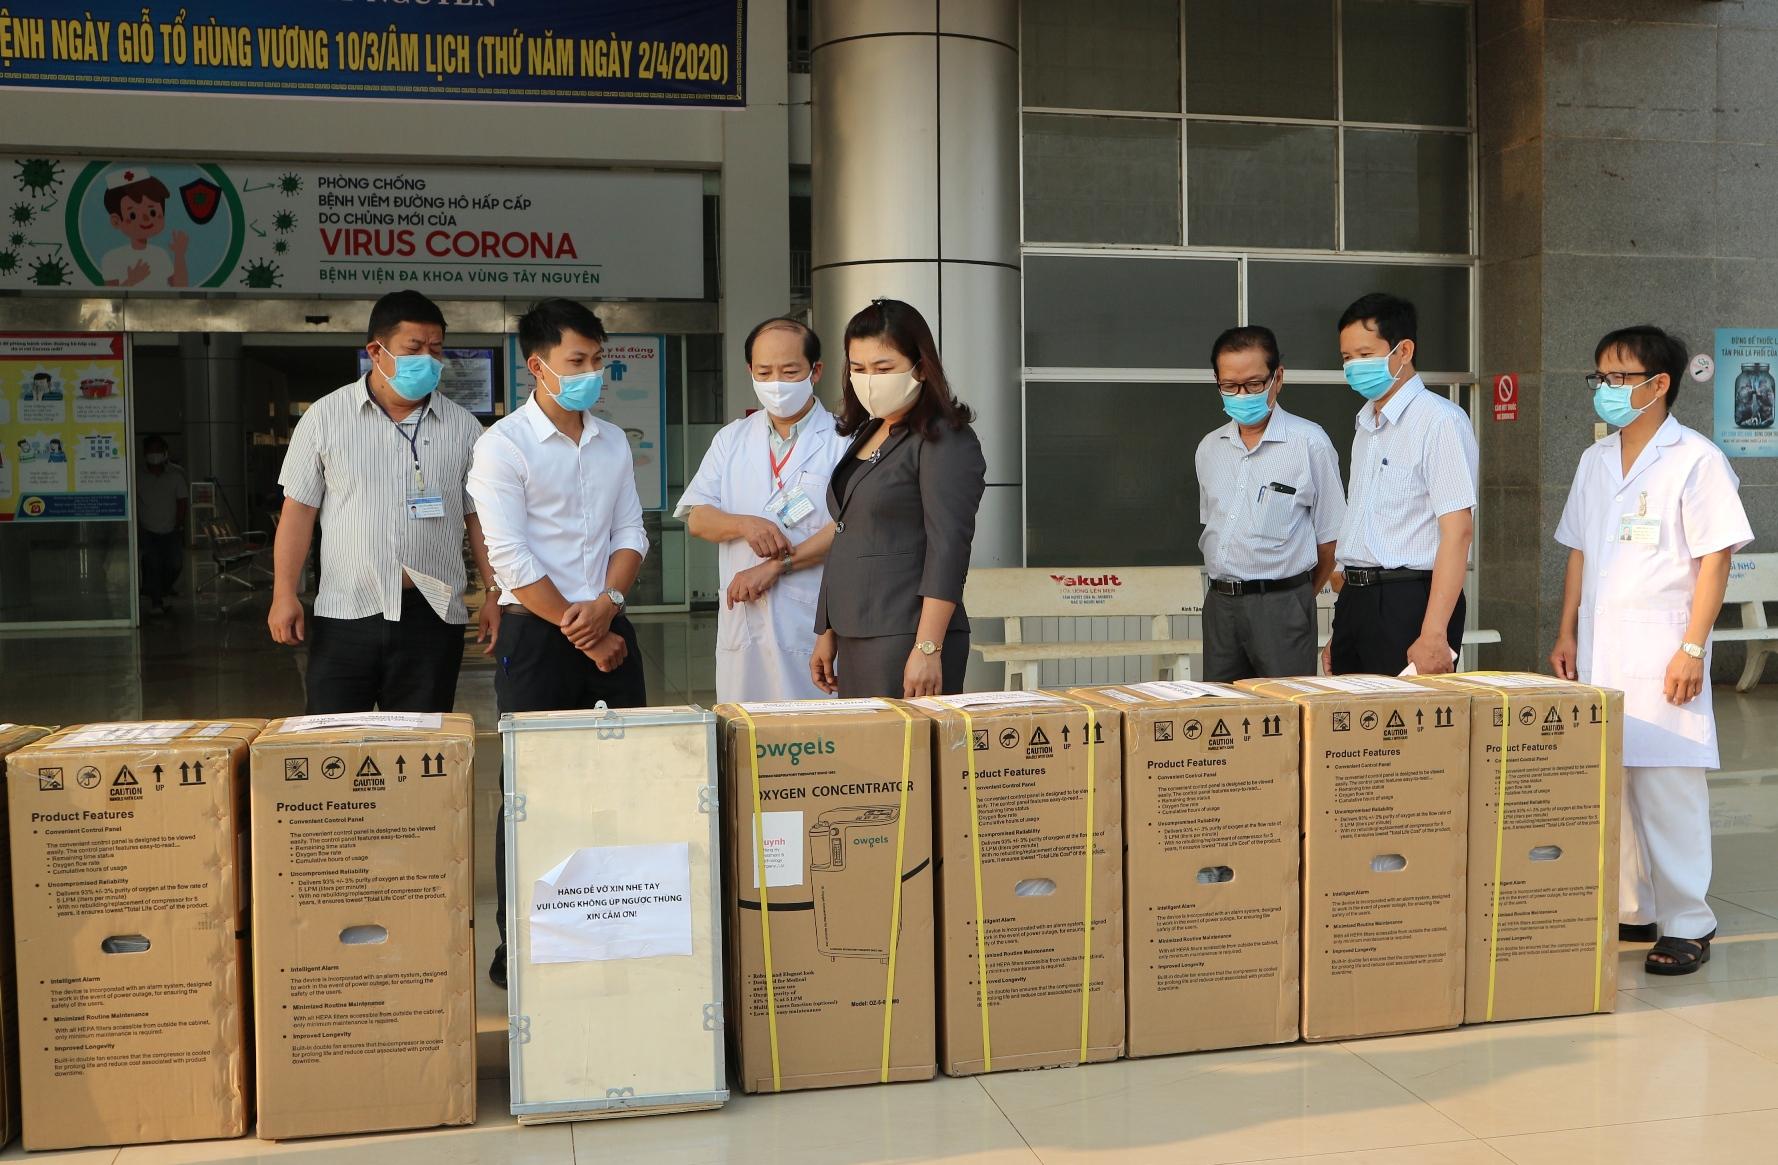 Bệnh viện Đa khoa vùng Tây Nguyên tiếp nhận 10 máy thở phục vụ điều trị bệnh nhân Covid-19